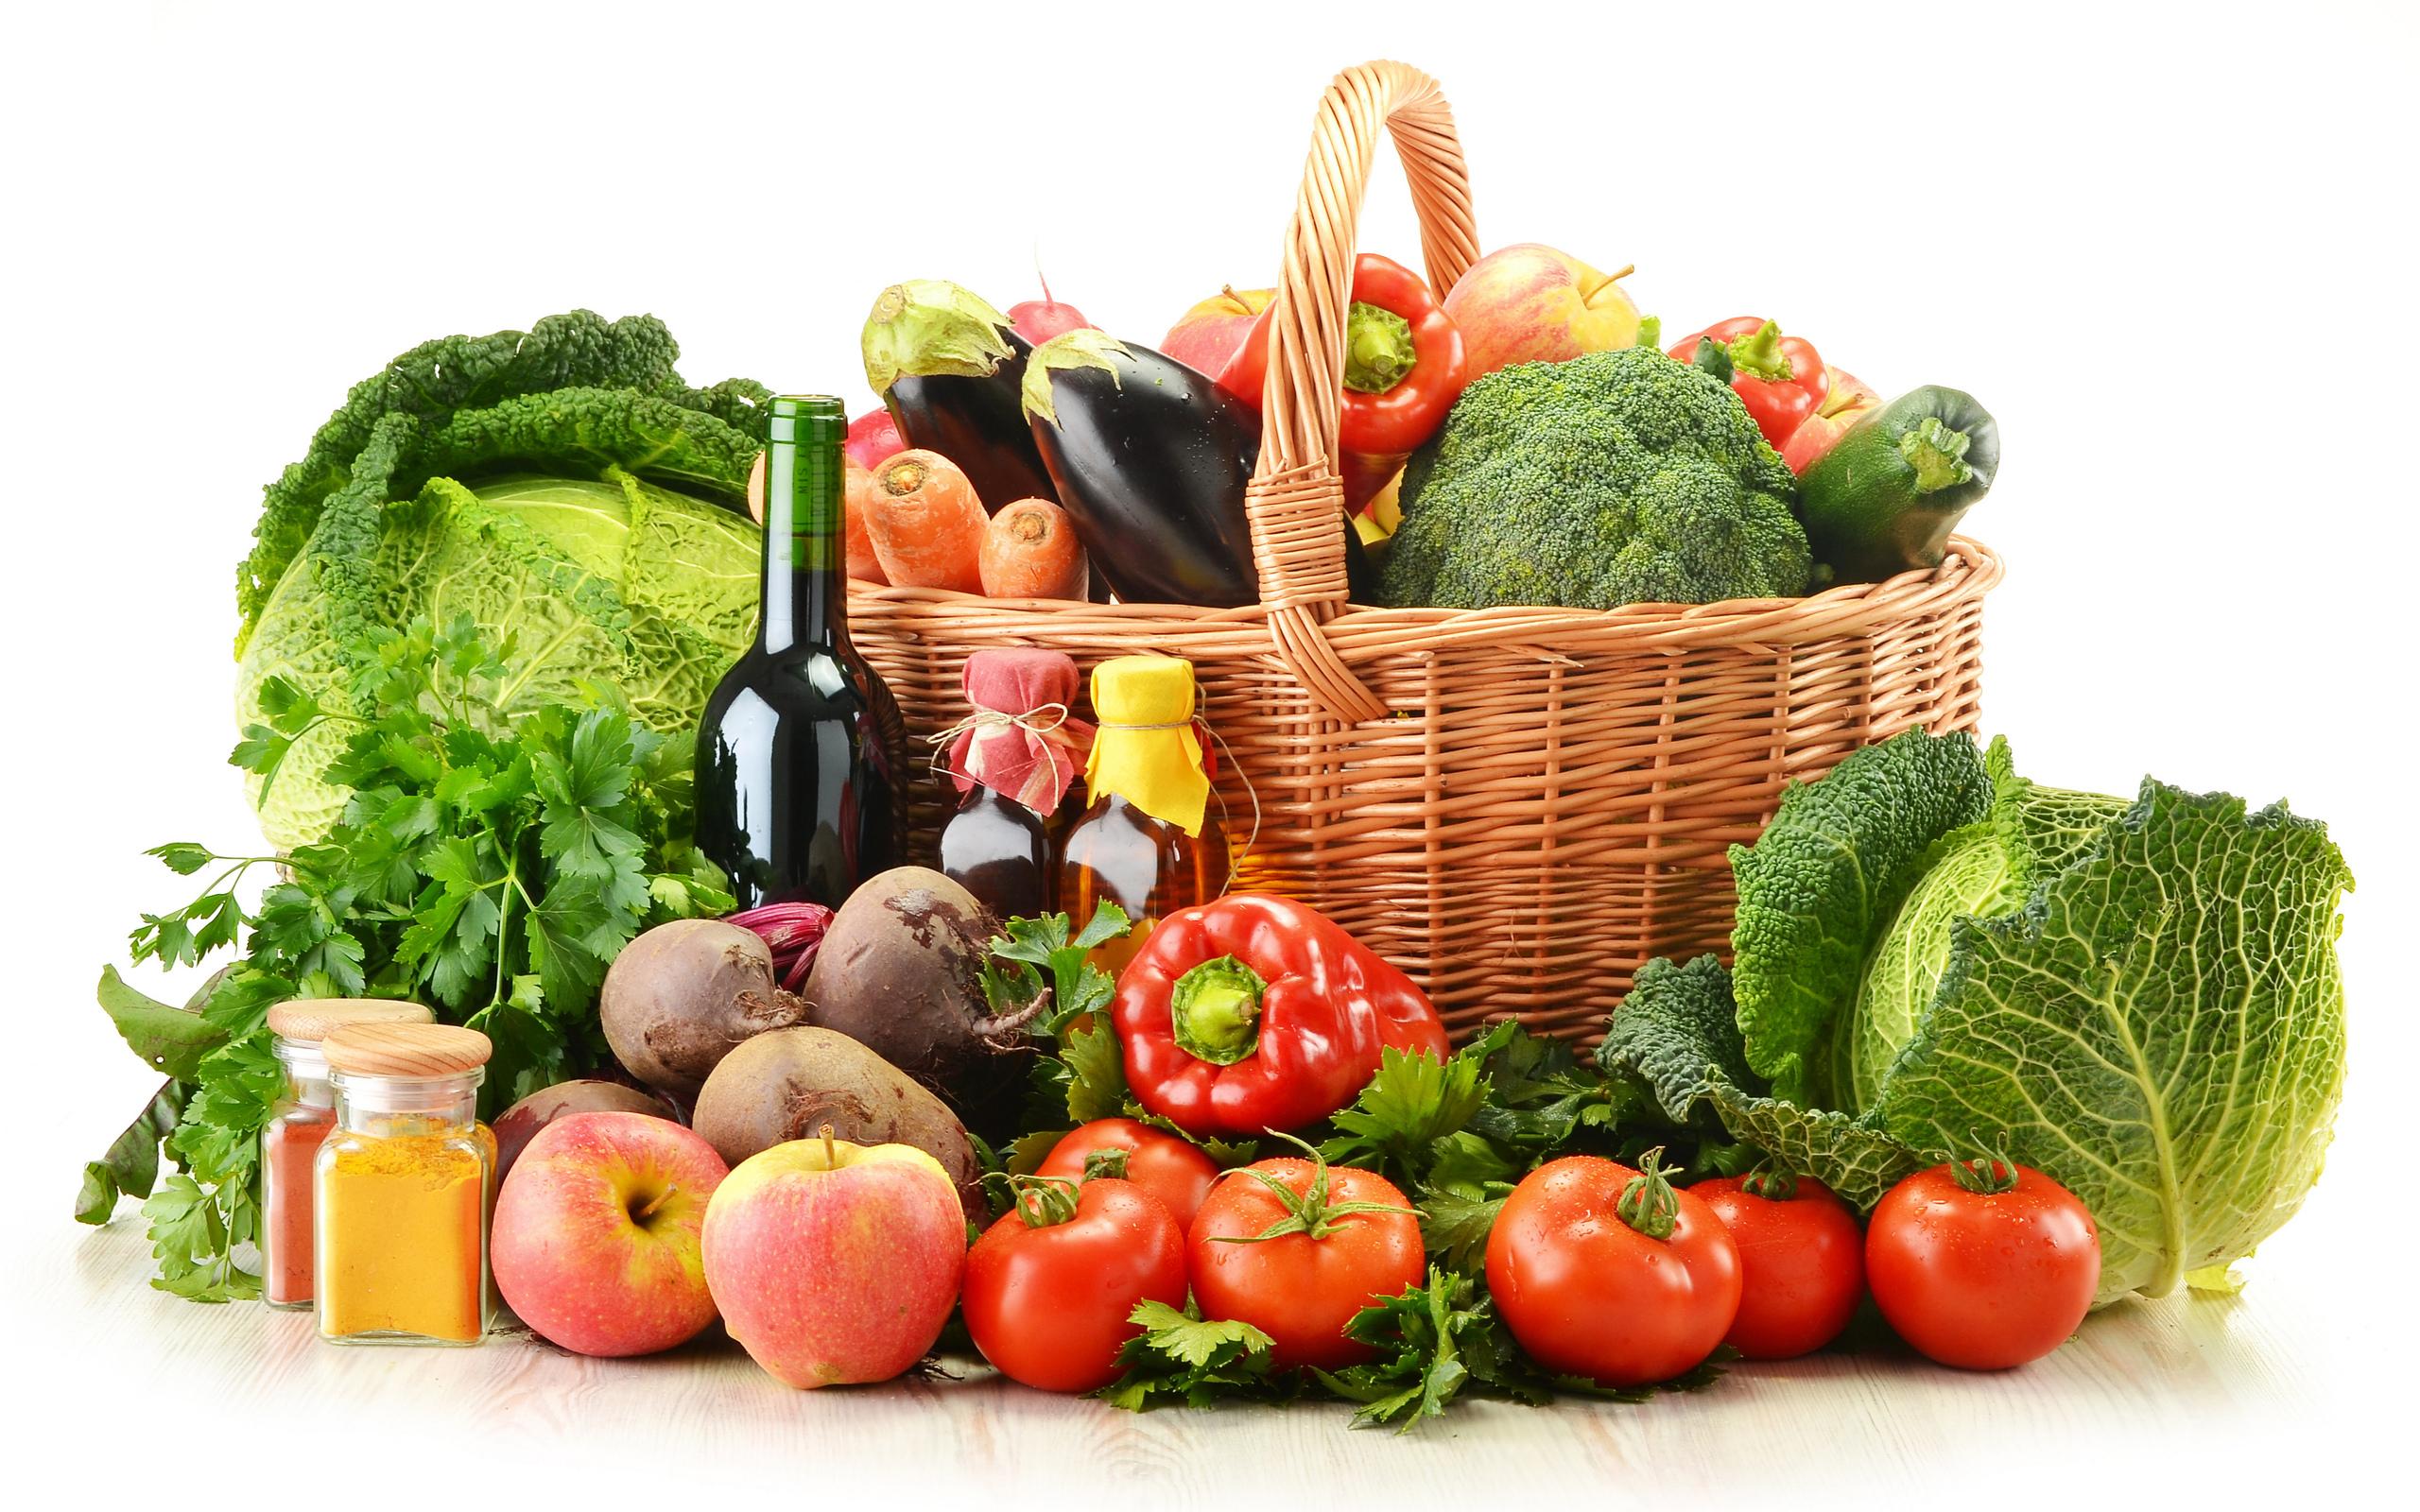 корзина, овощи, помидоры